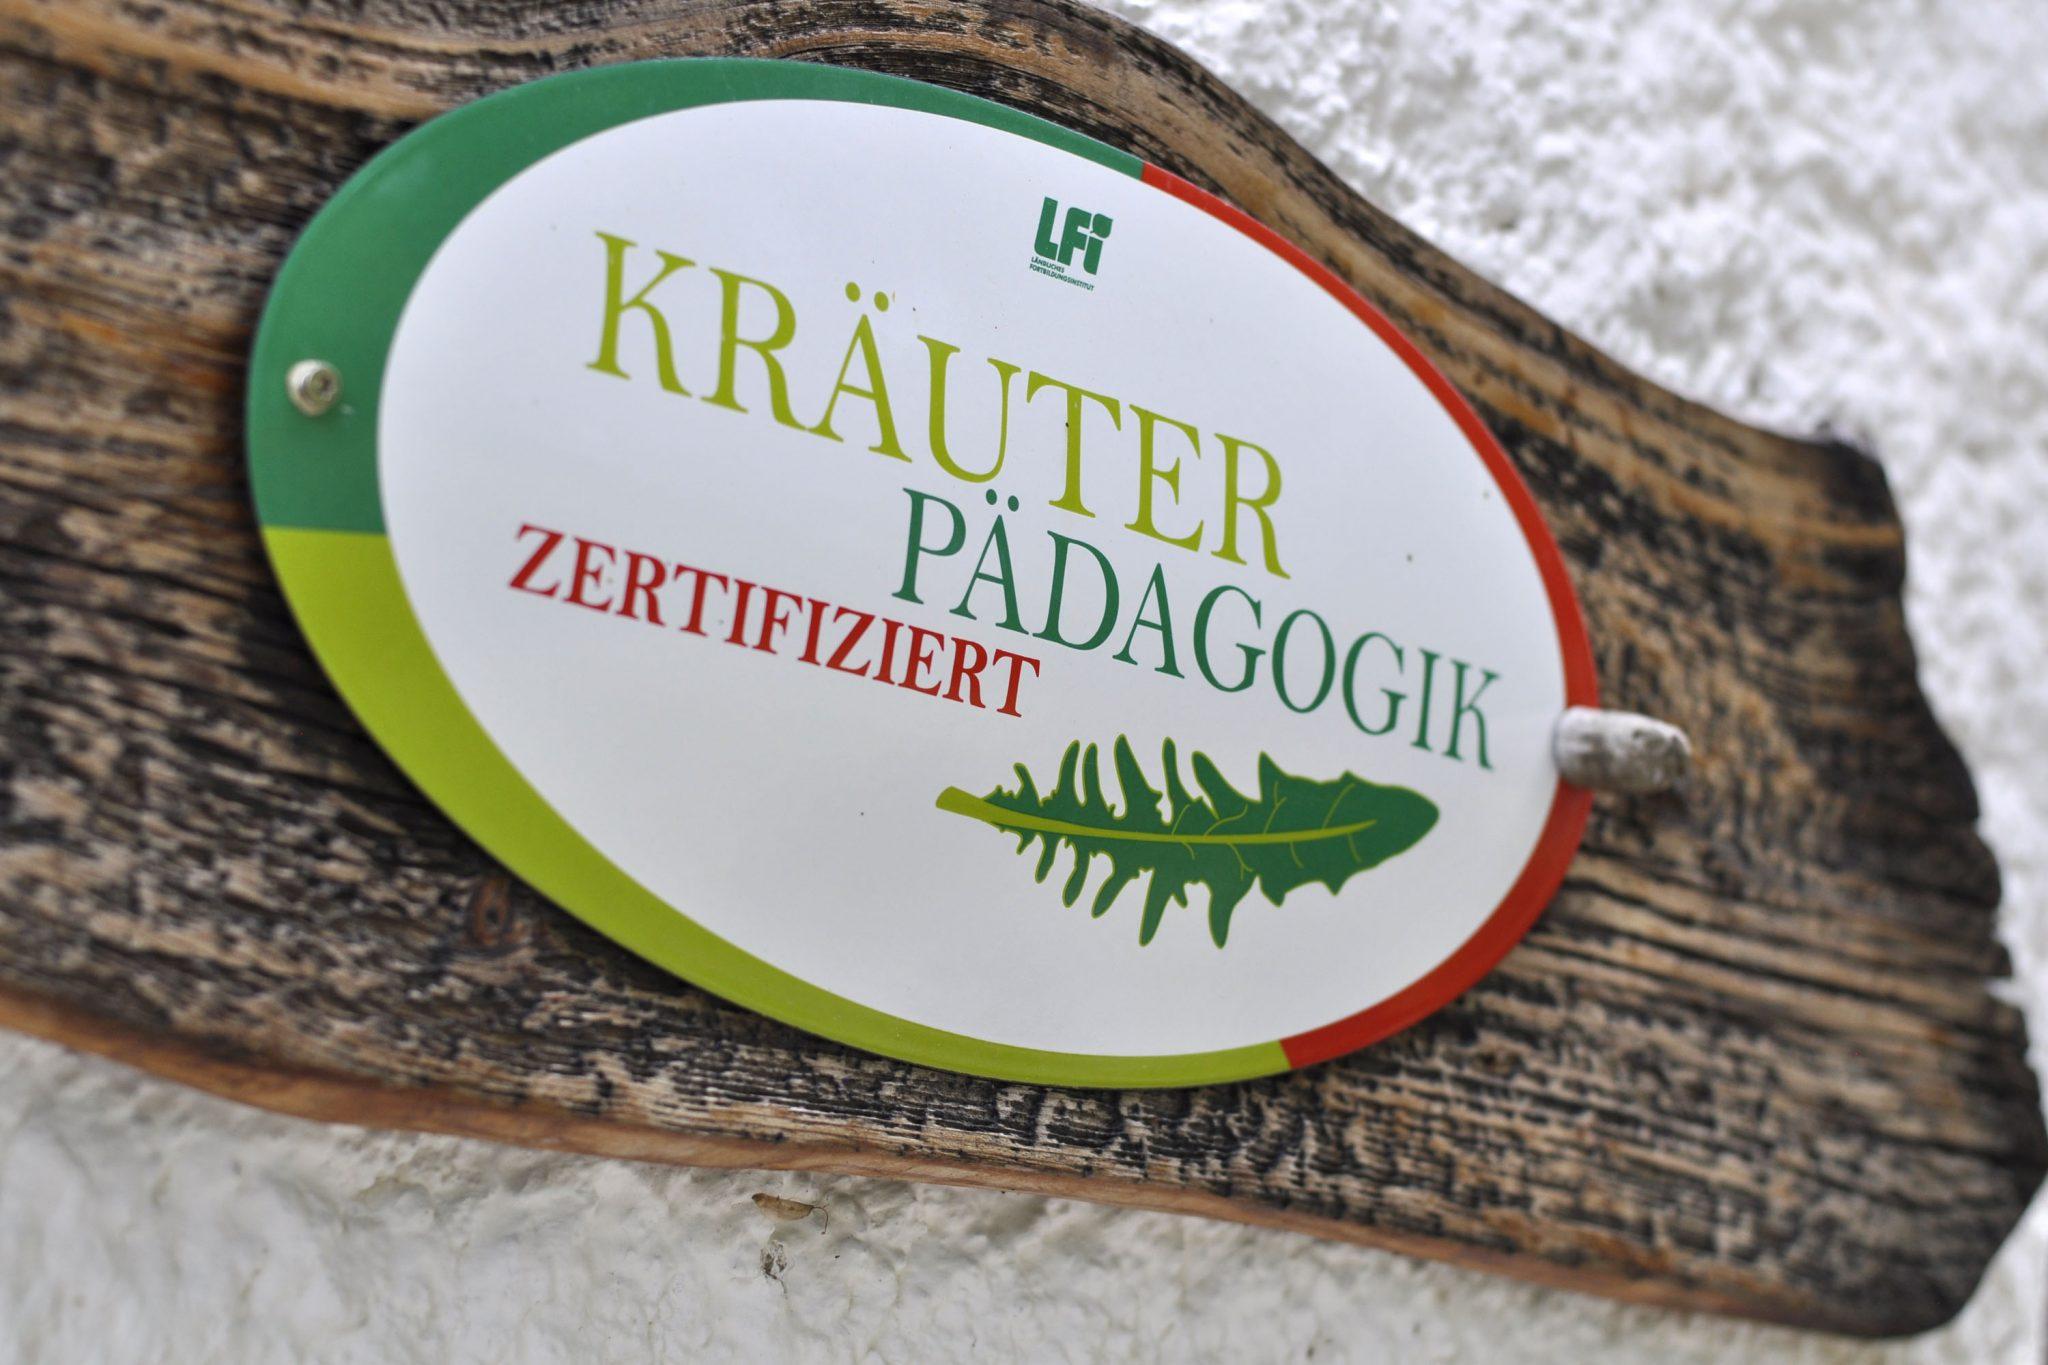 zertifizierte Kräuter-Pädagogik